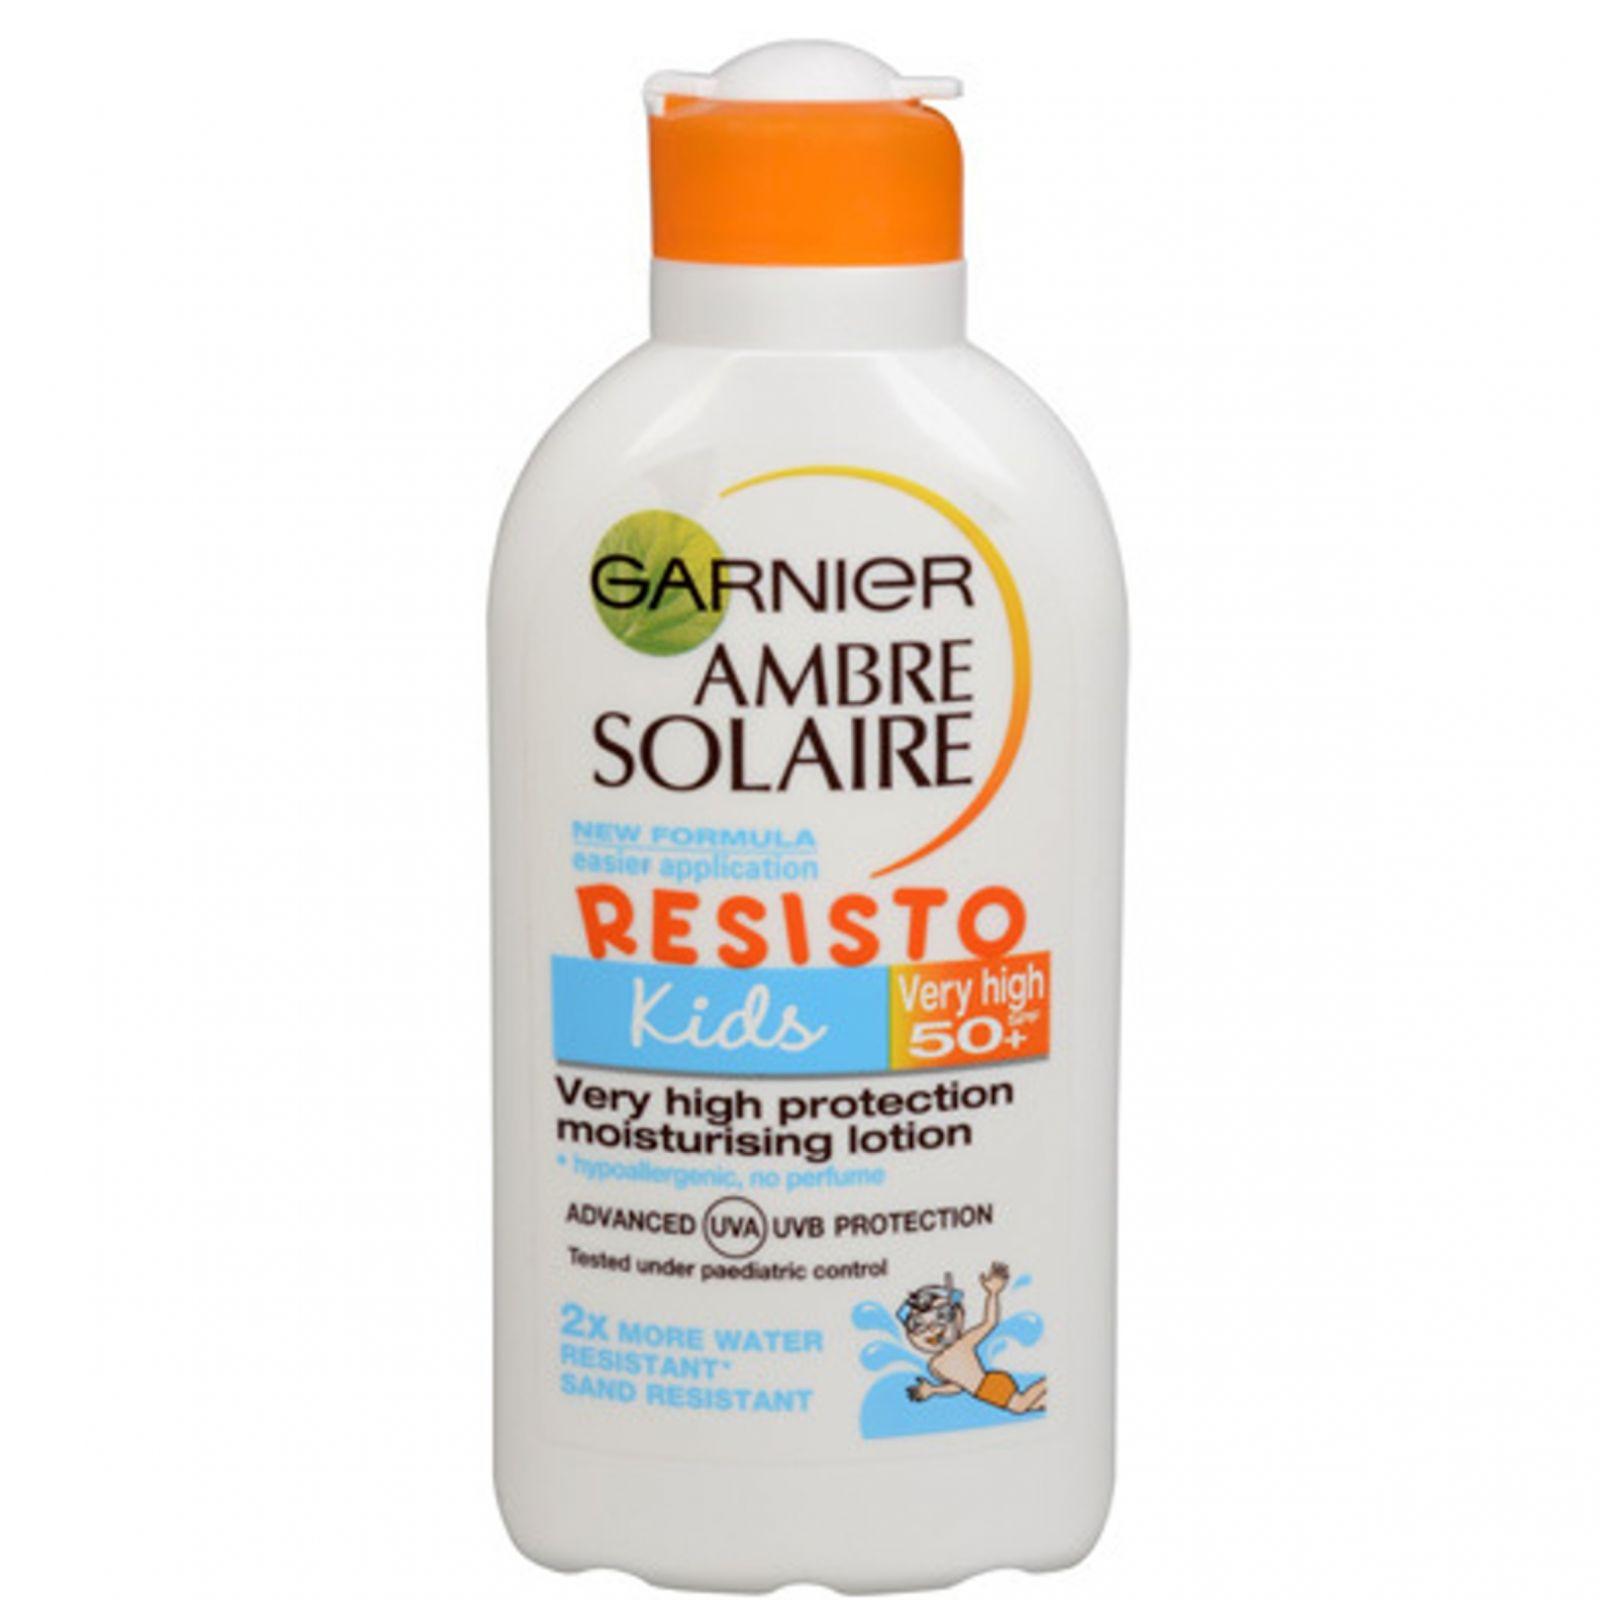 Ambre Solaire Opalovací mléko Kids OF 50+ 200 ml